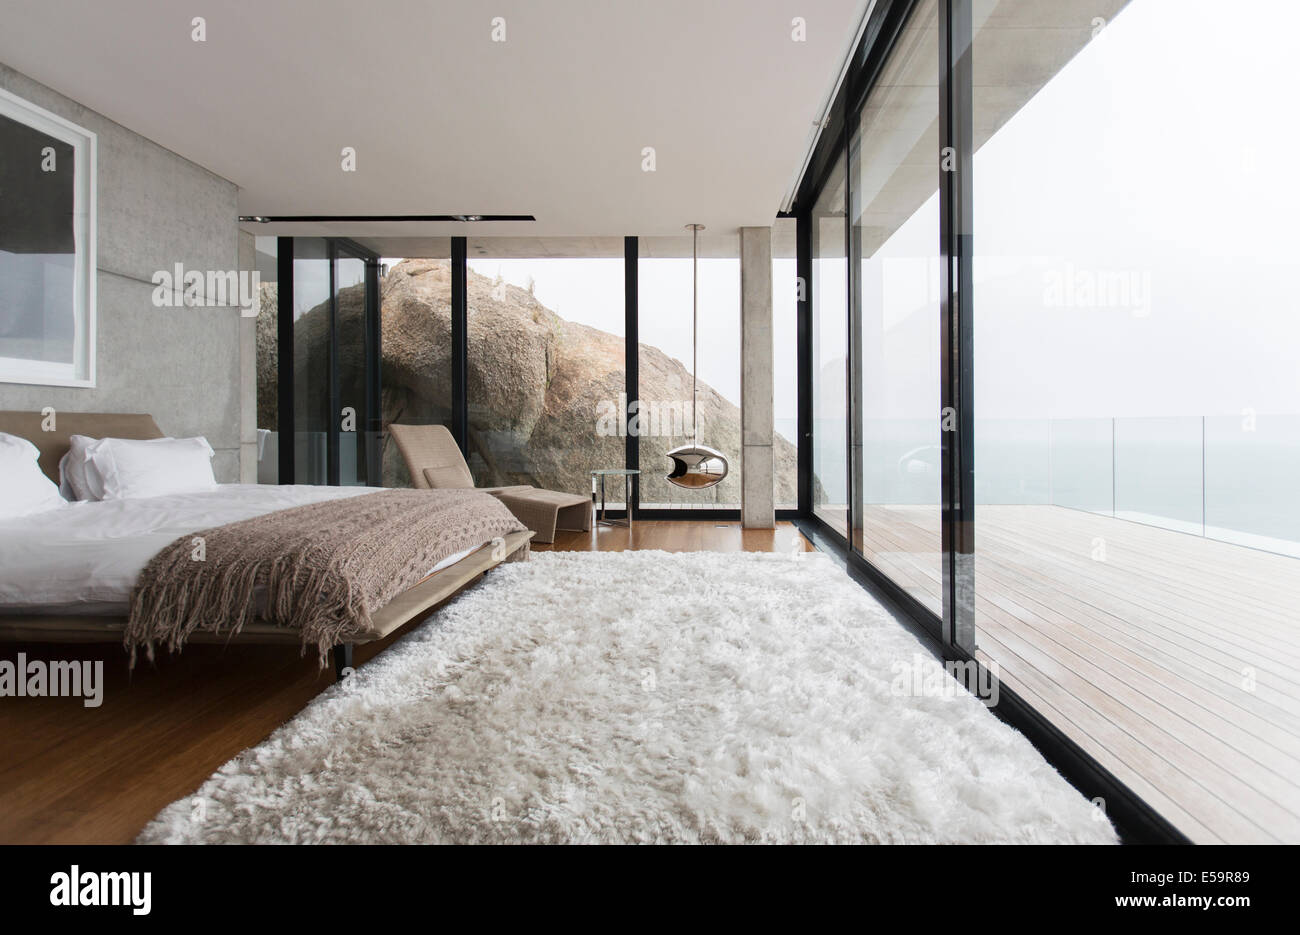 Shag rug e pareti di vetro in camera da letto moderna Immagini Stock